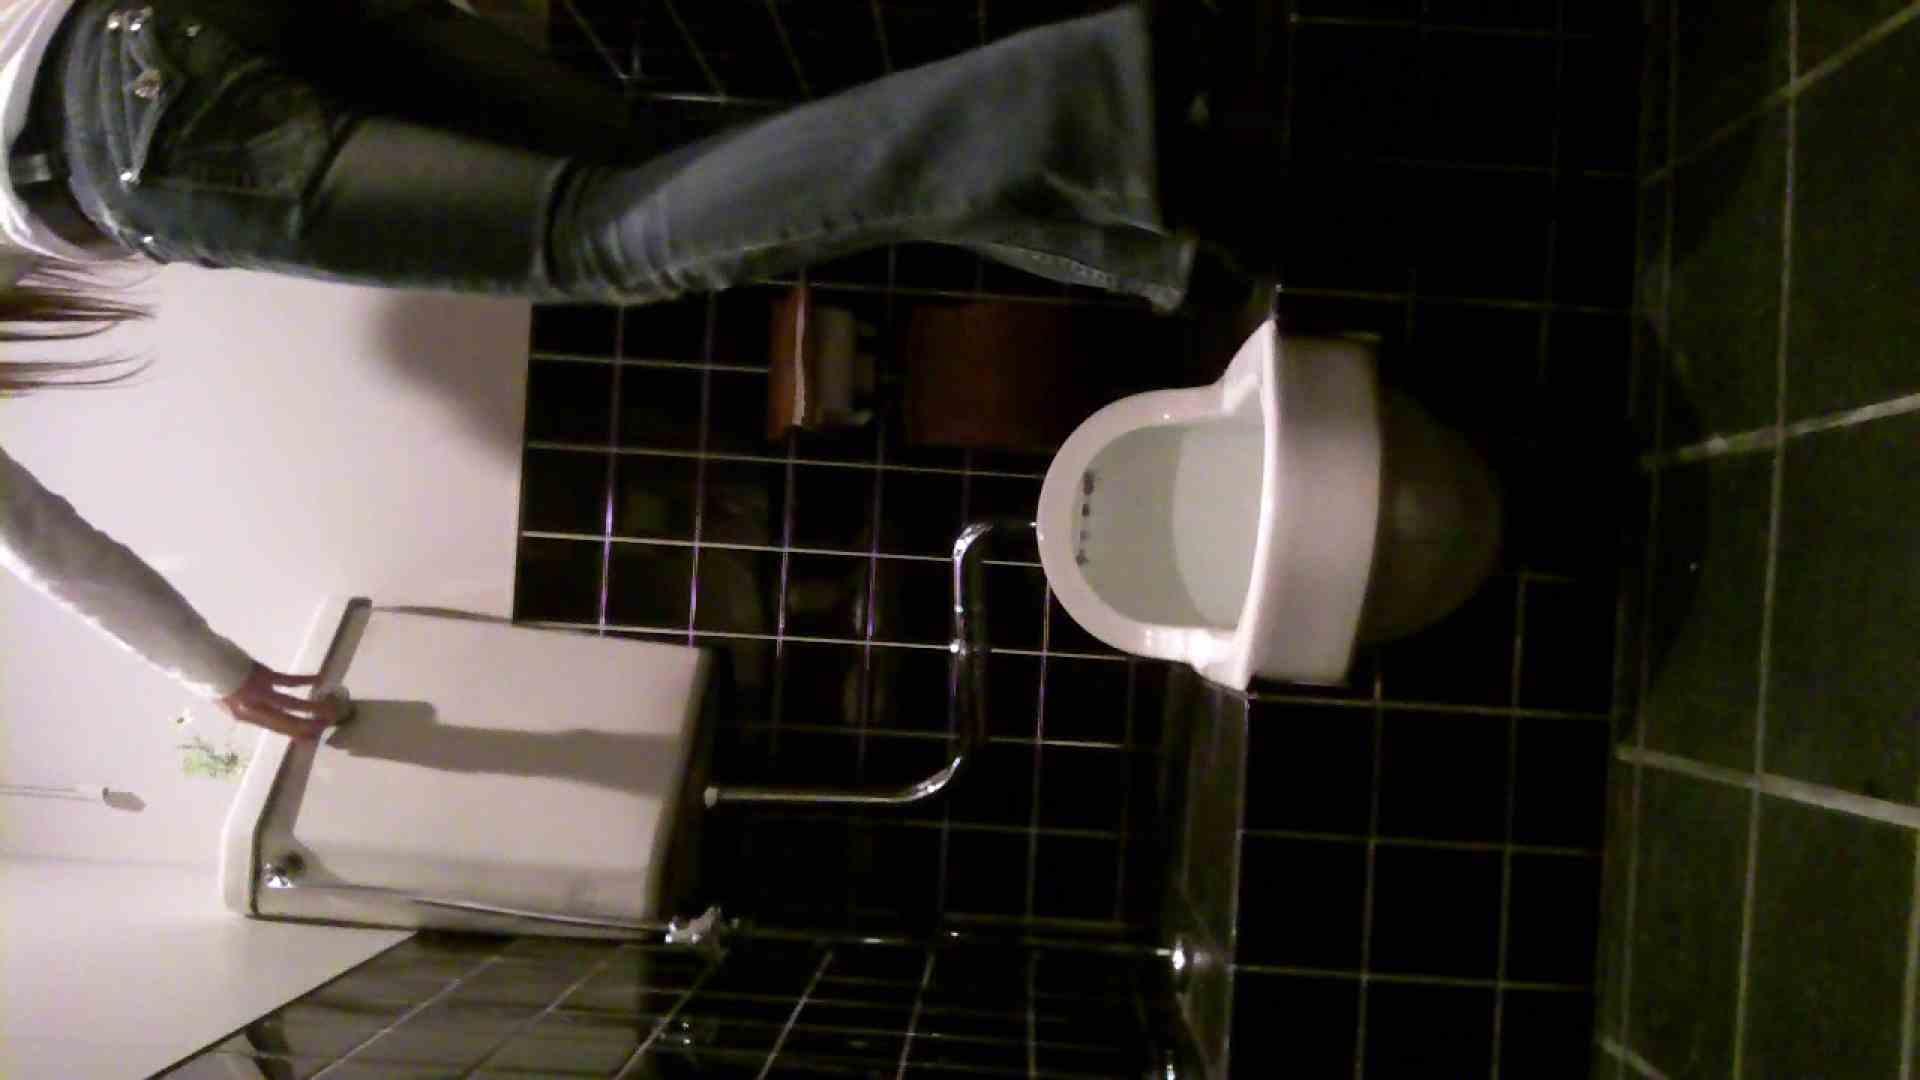 美女の集まる飲み屋洗面所 vol.01 洗面所 | OLセックス  104画像 52